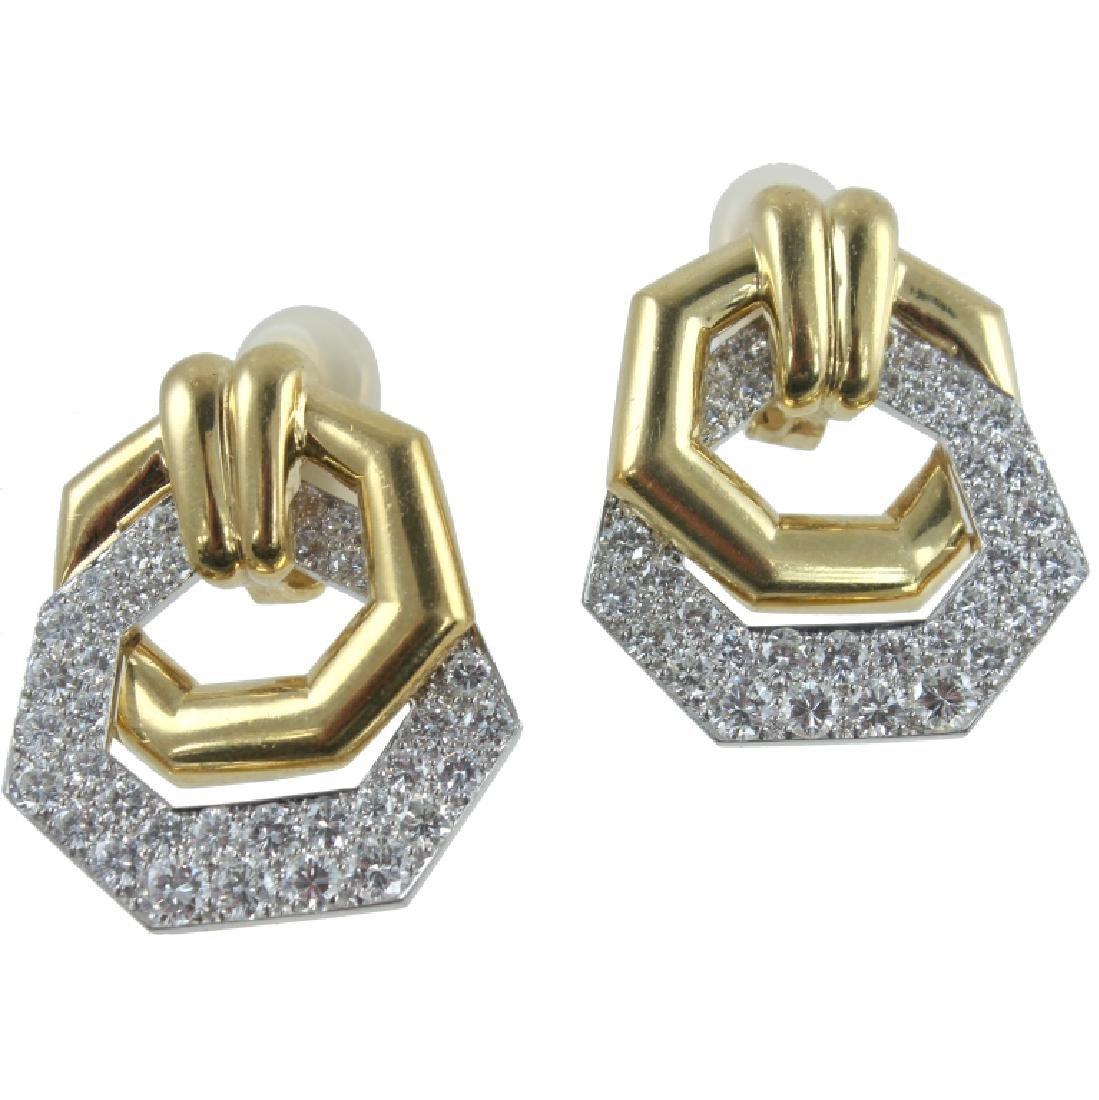 VERY FINE PAIR OF 18K DIAMOND EARRINGS